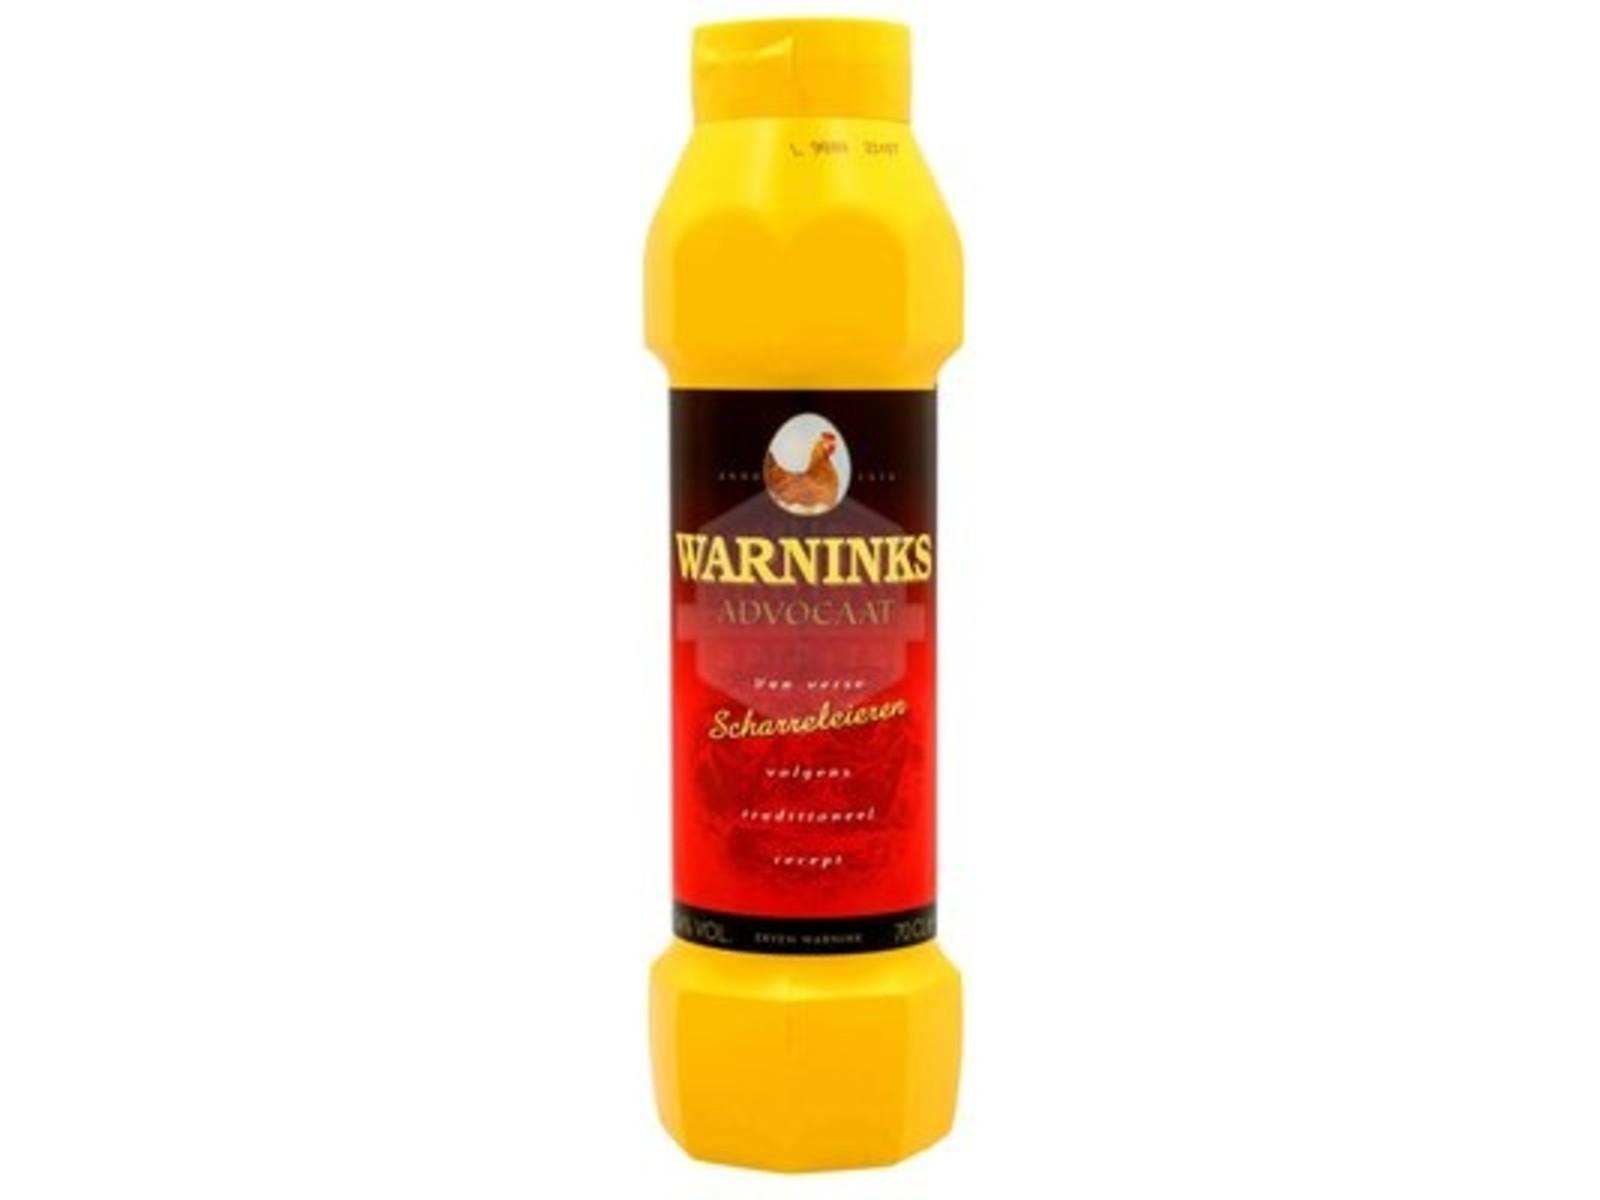 Warninks Warninks advocaat / knijpfles / 0,7L